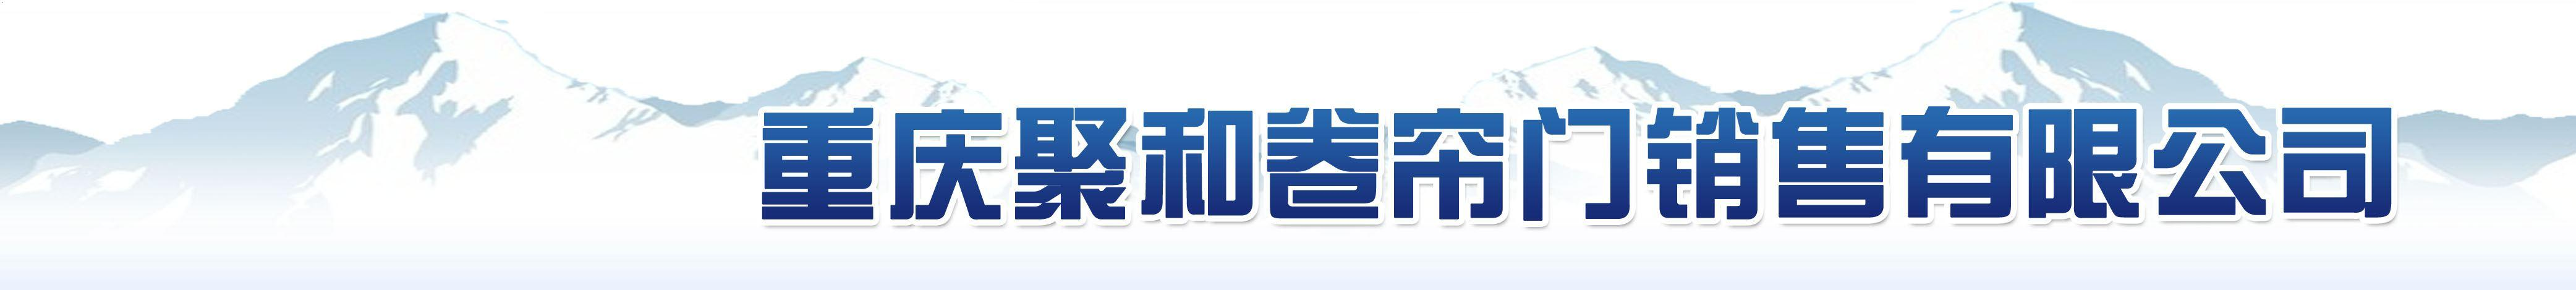 重庆聚和卷帘门销售有限公司